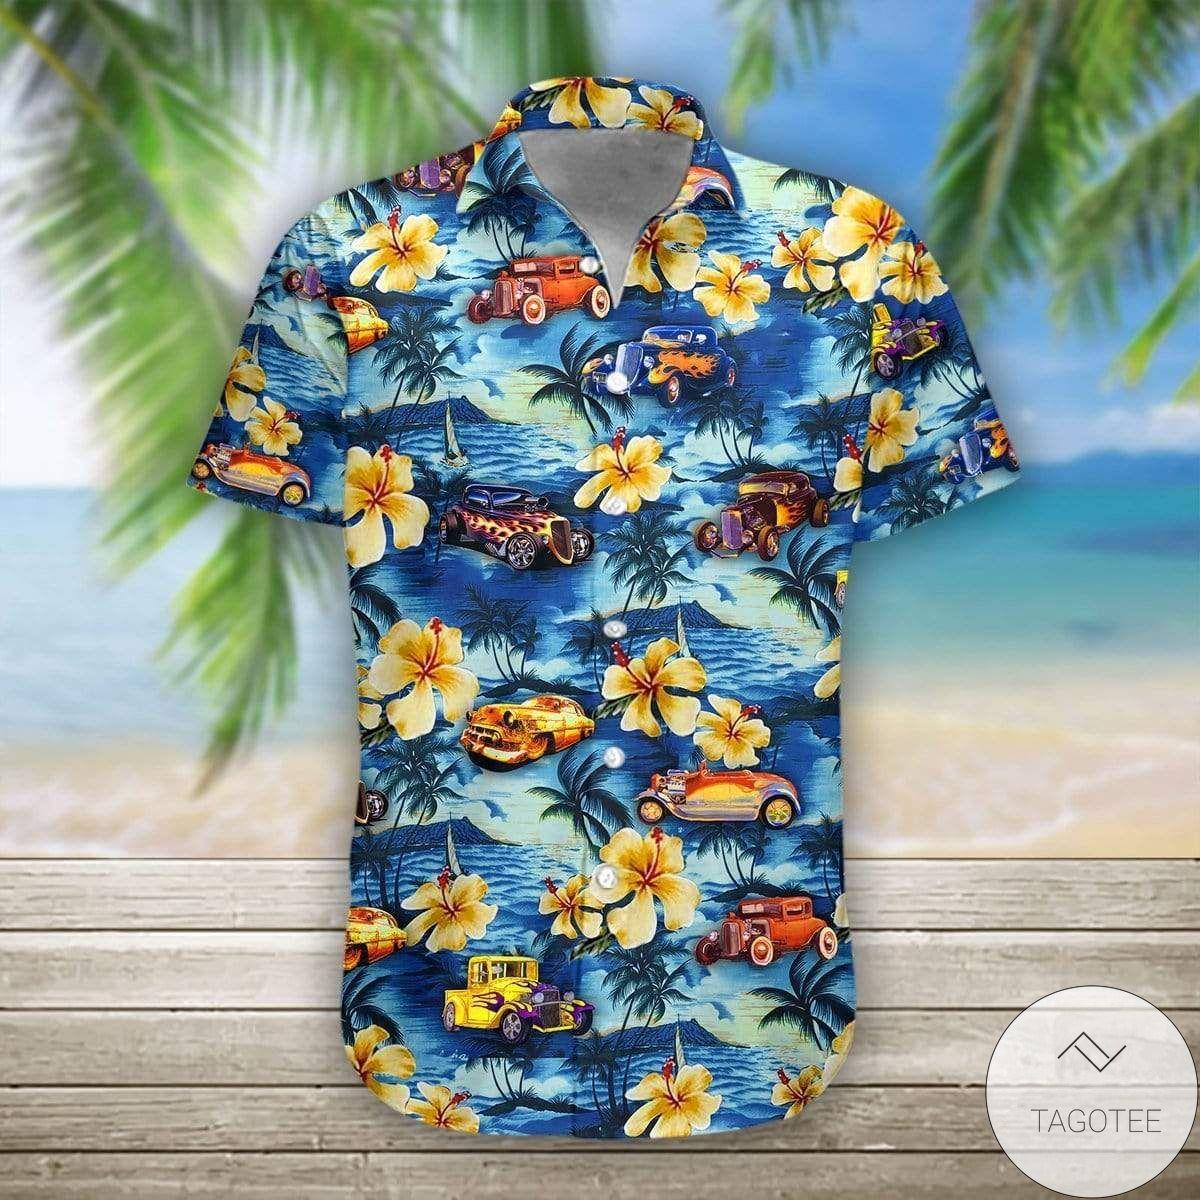 Buy In US Hot Rod Tropical Hawaiian Shirt